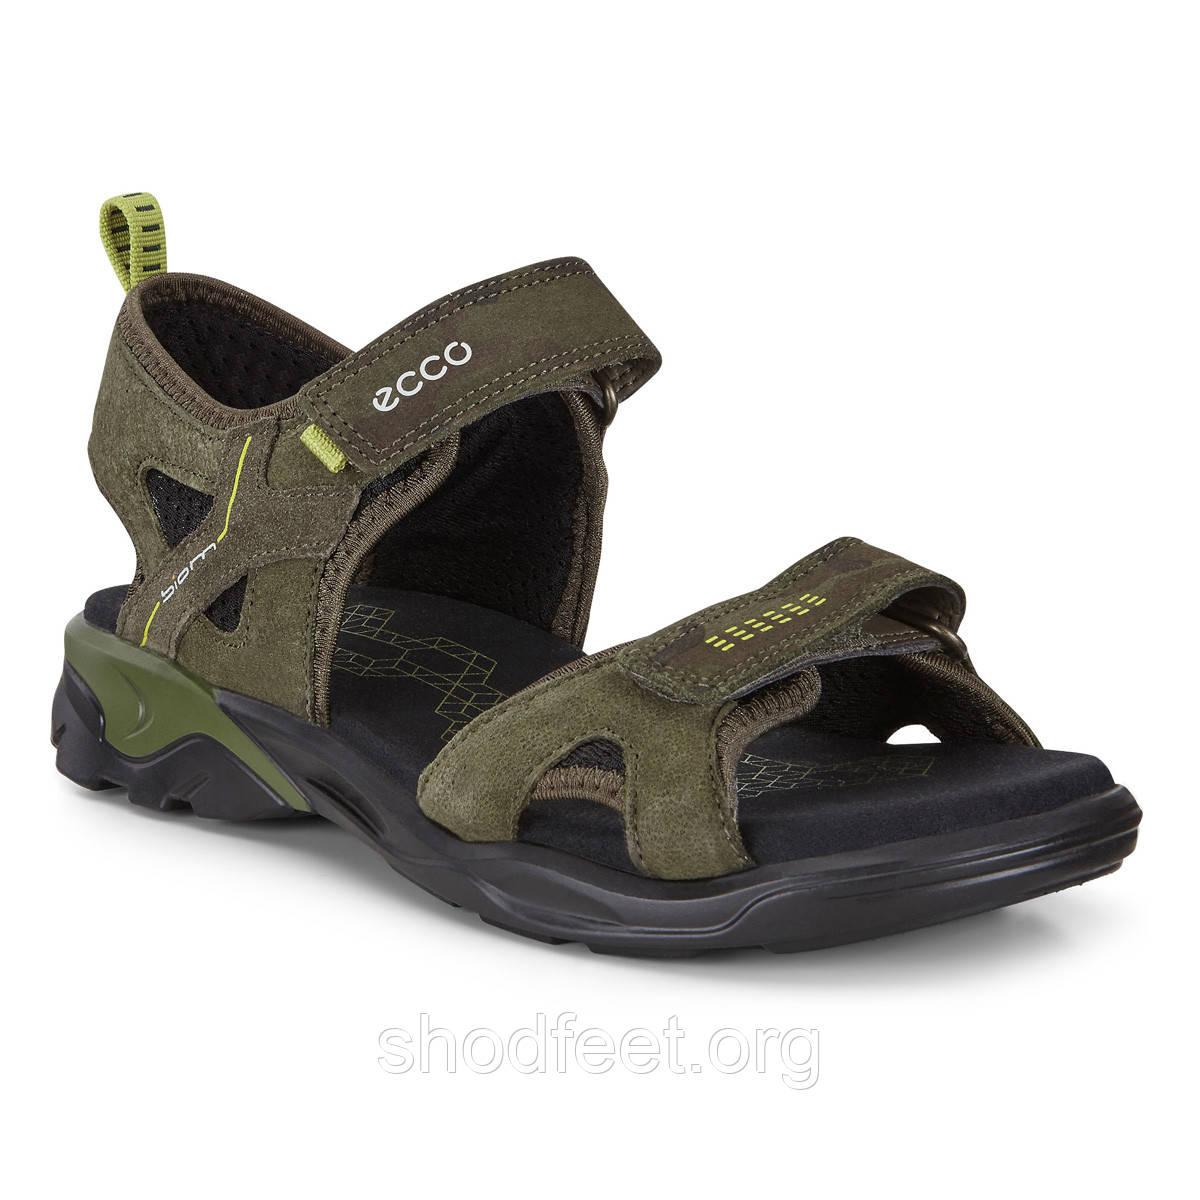 Подростковые сандалии Ecco Biom Raft 700623-51077